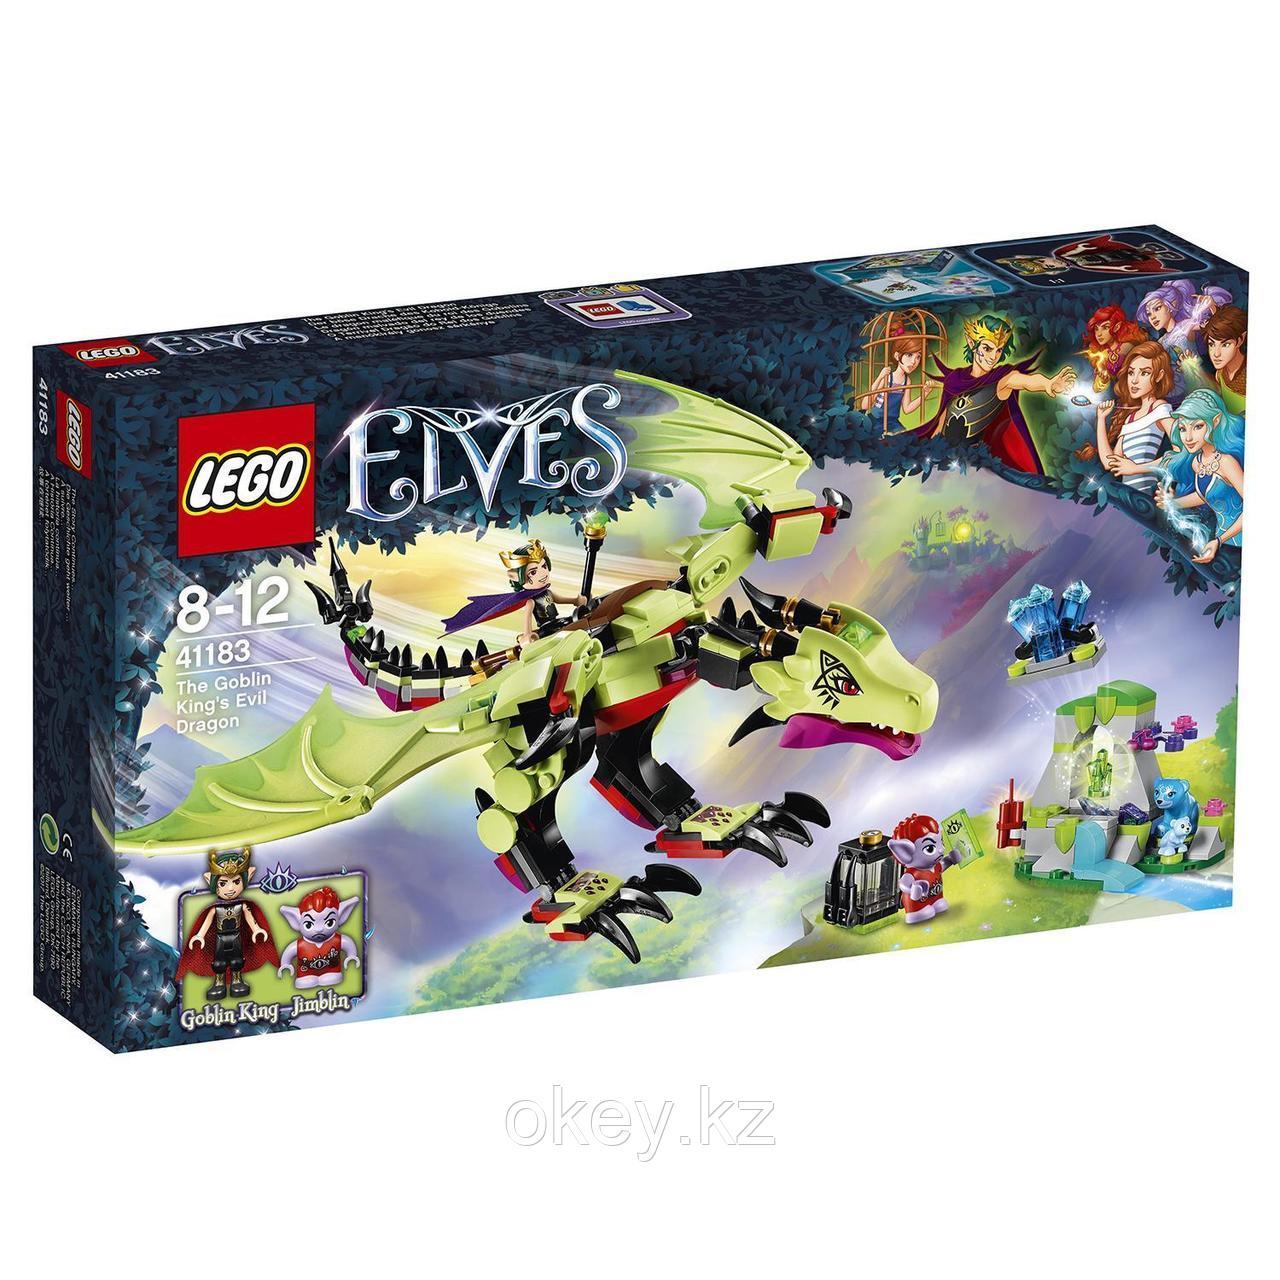 LEGO Elves: Дракон Короля Гоблинов 41183